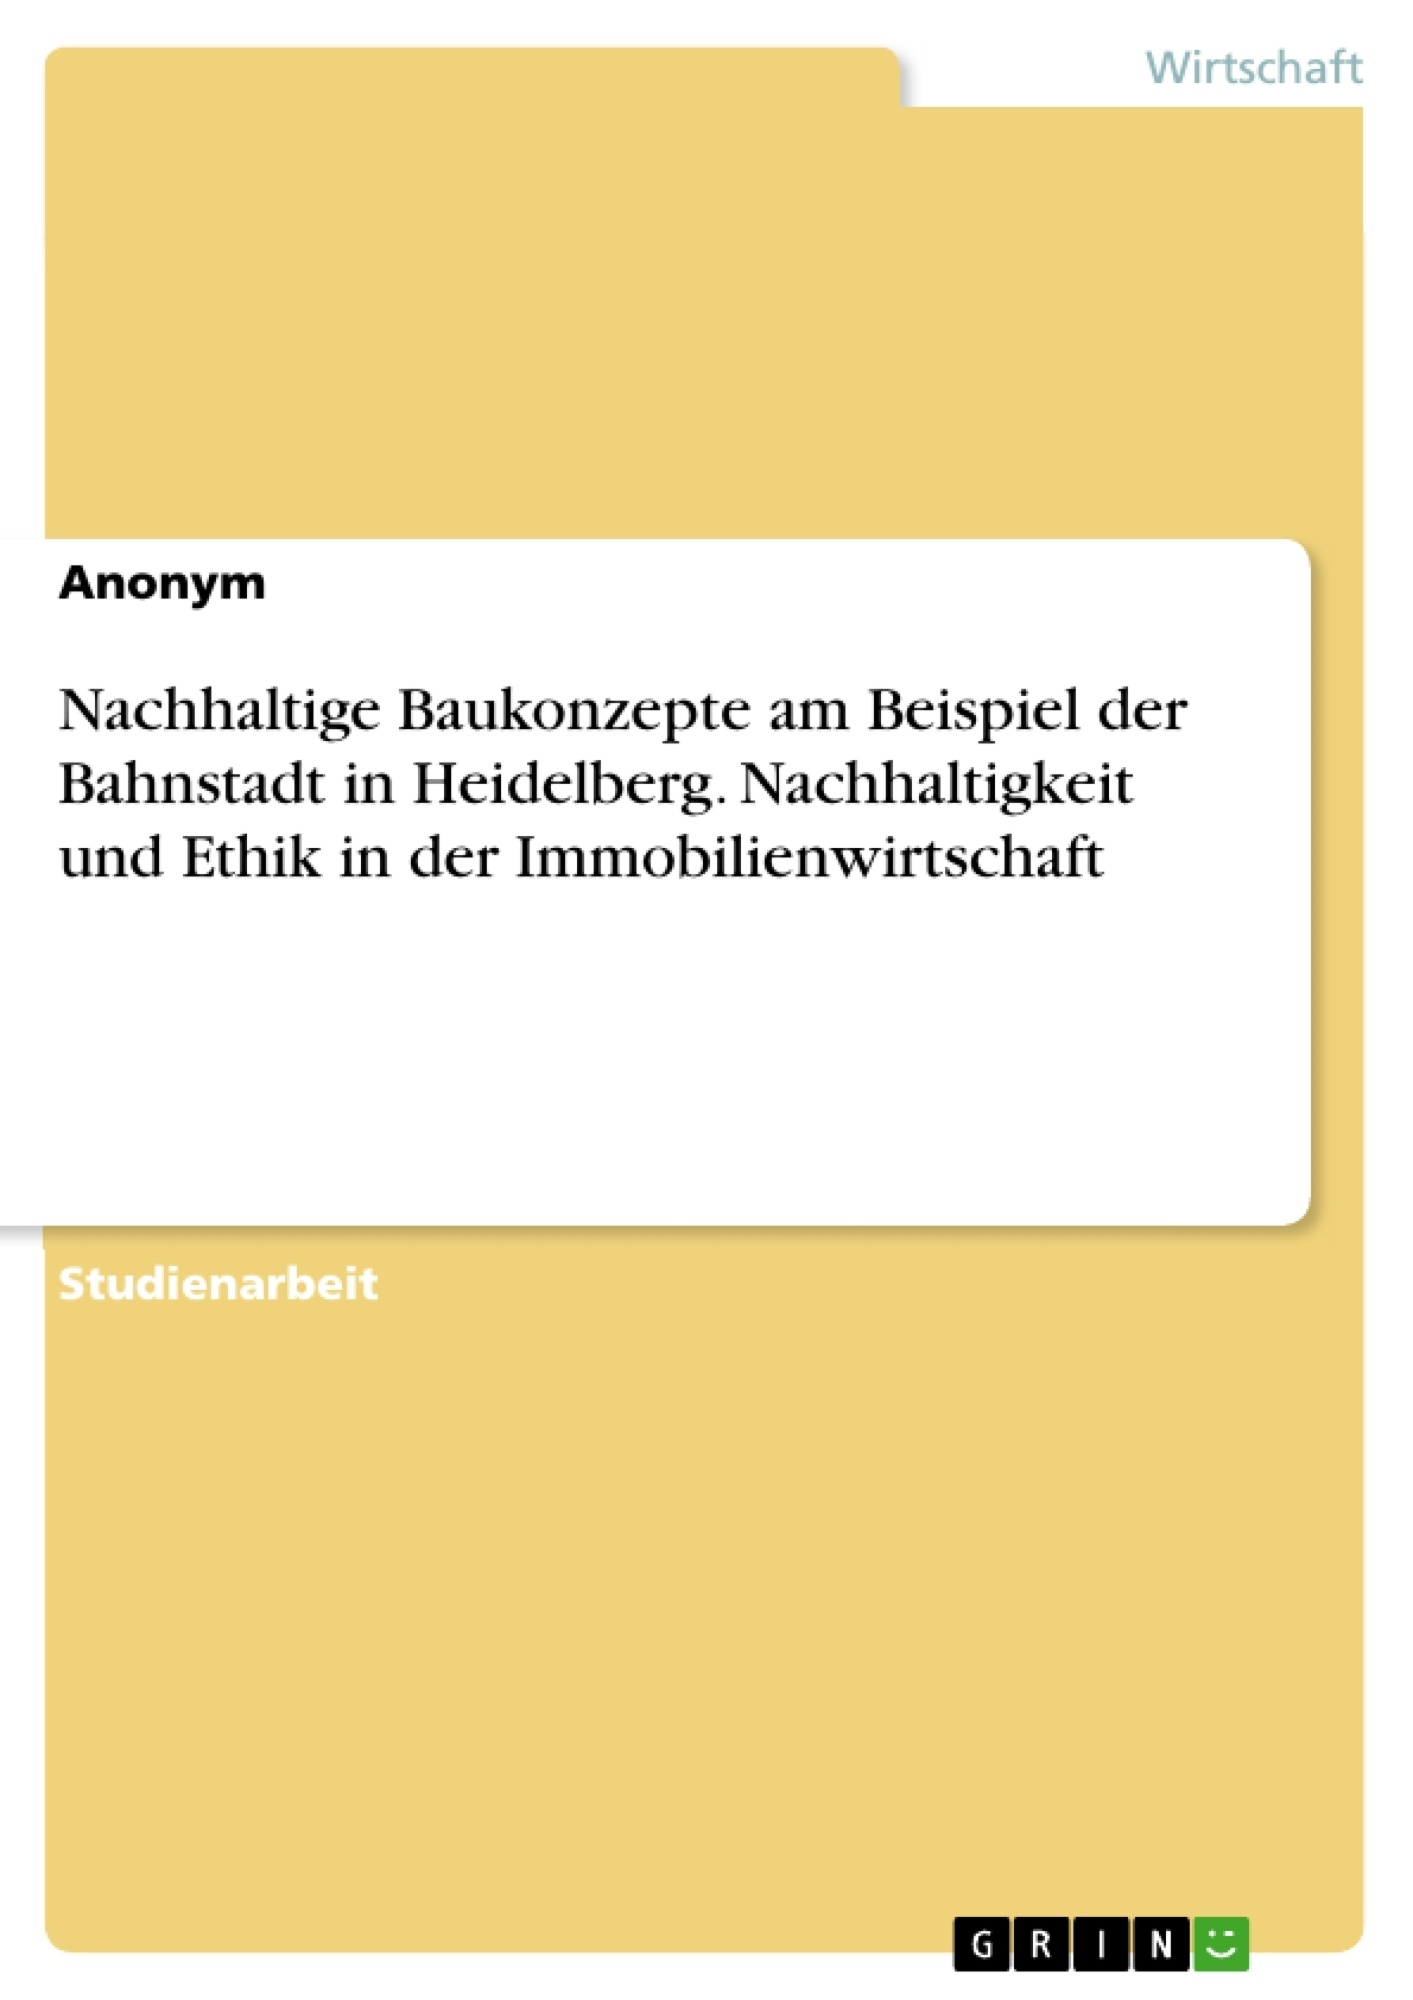 Titel: Nachhaltige Baukonzepte am Beispiel der Bahnstadt in Heidelberg. Nachhaltigkeit und Ethik in der Immobilienwirtschaft